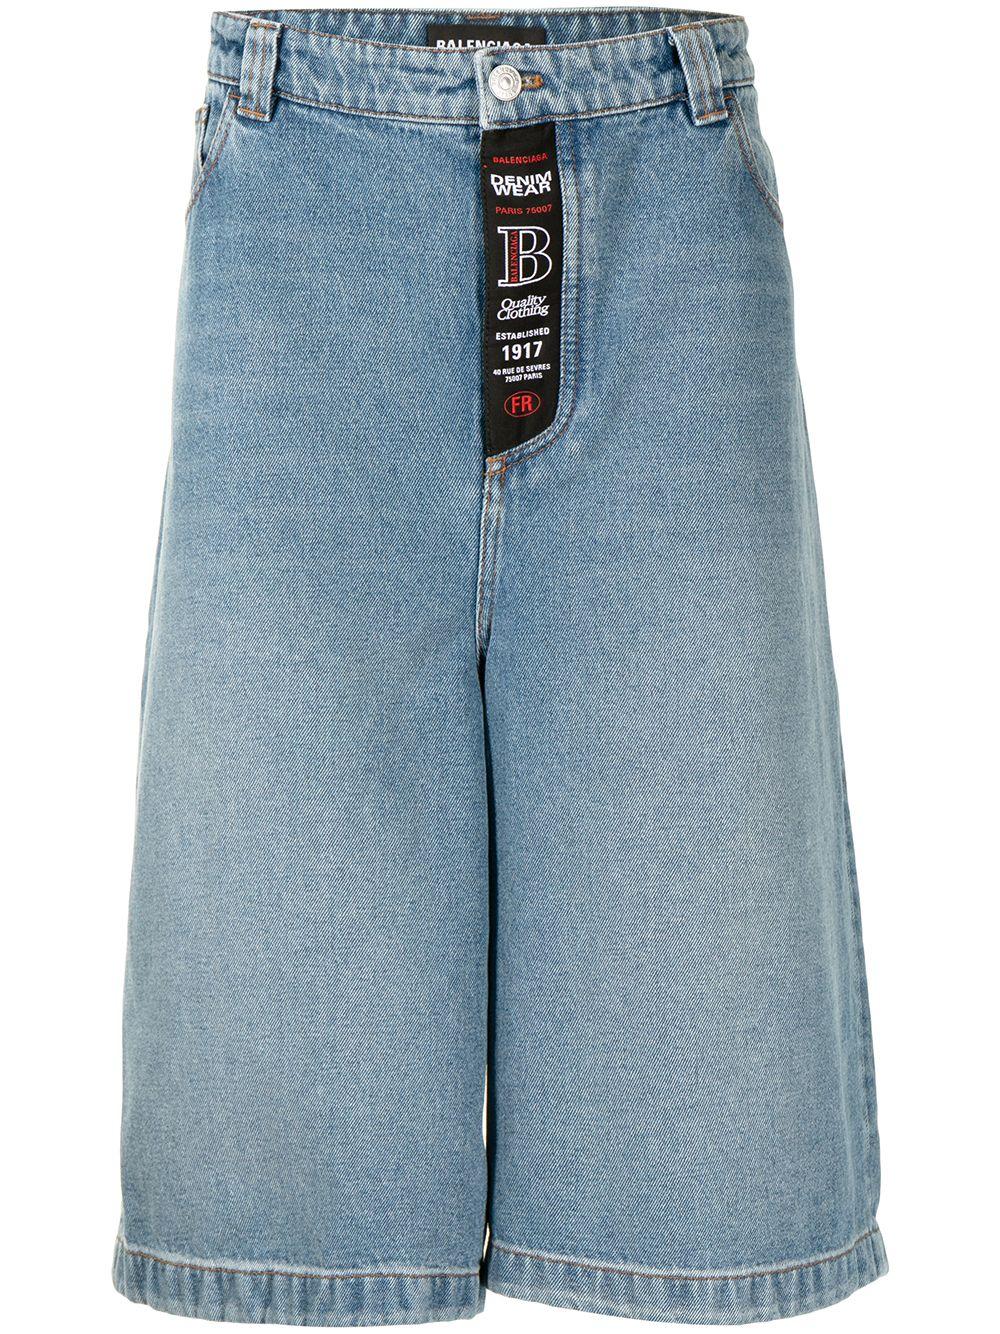 Pantaloncini skater in denim blu in cotone con lavaggio medio BALENCIAGA | Bermuda | 641464-TDW154762